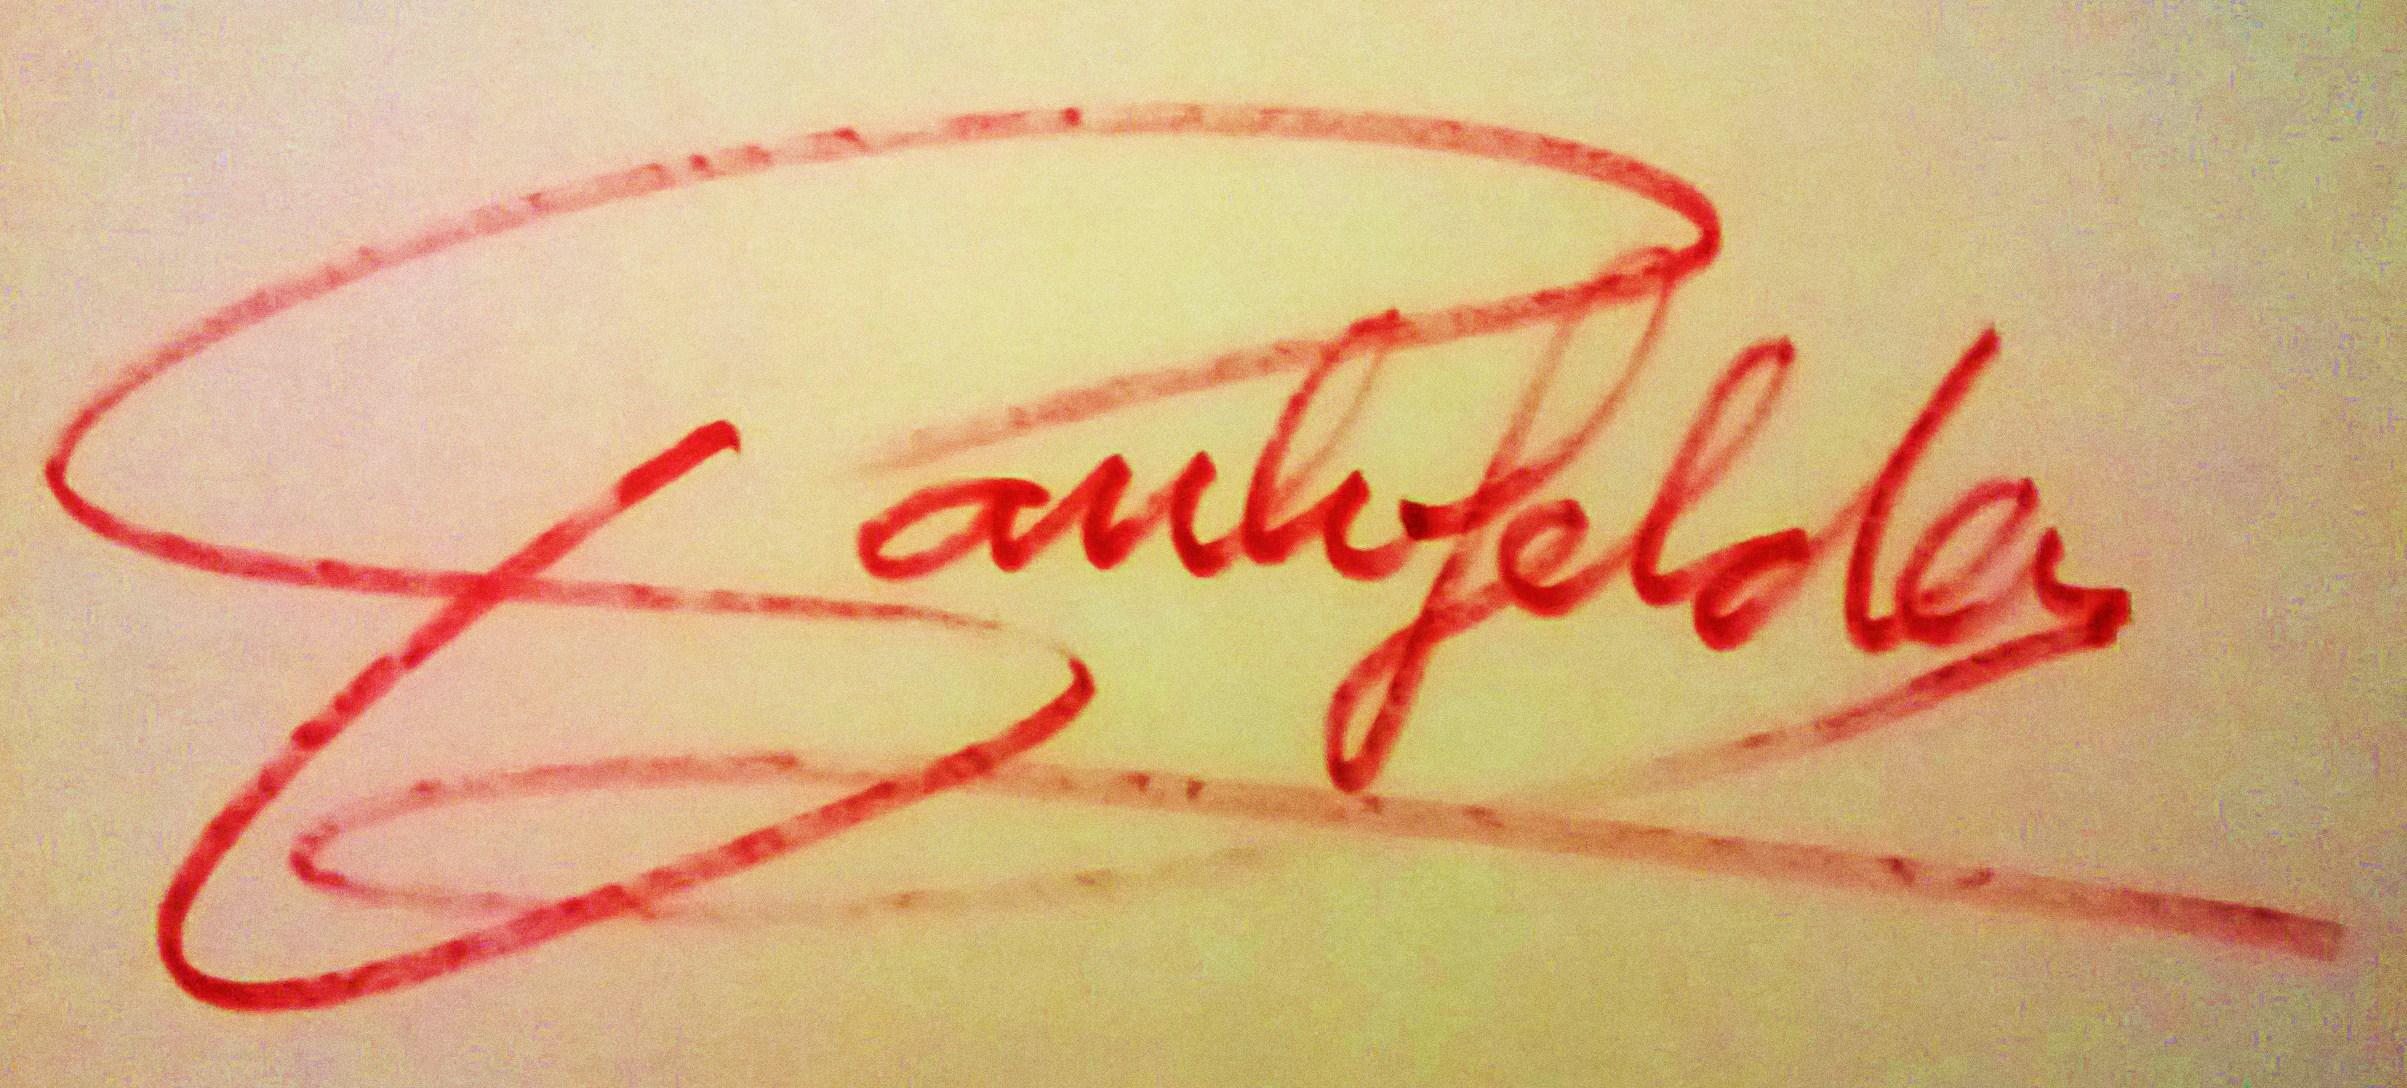 PAUL vanGelder's Signature